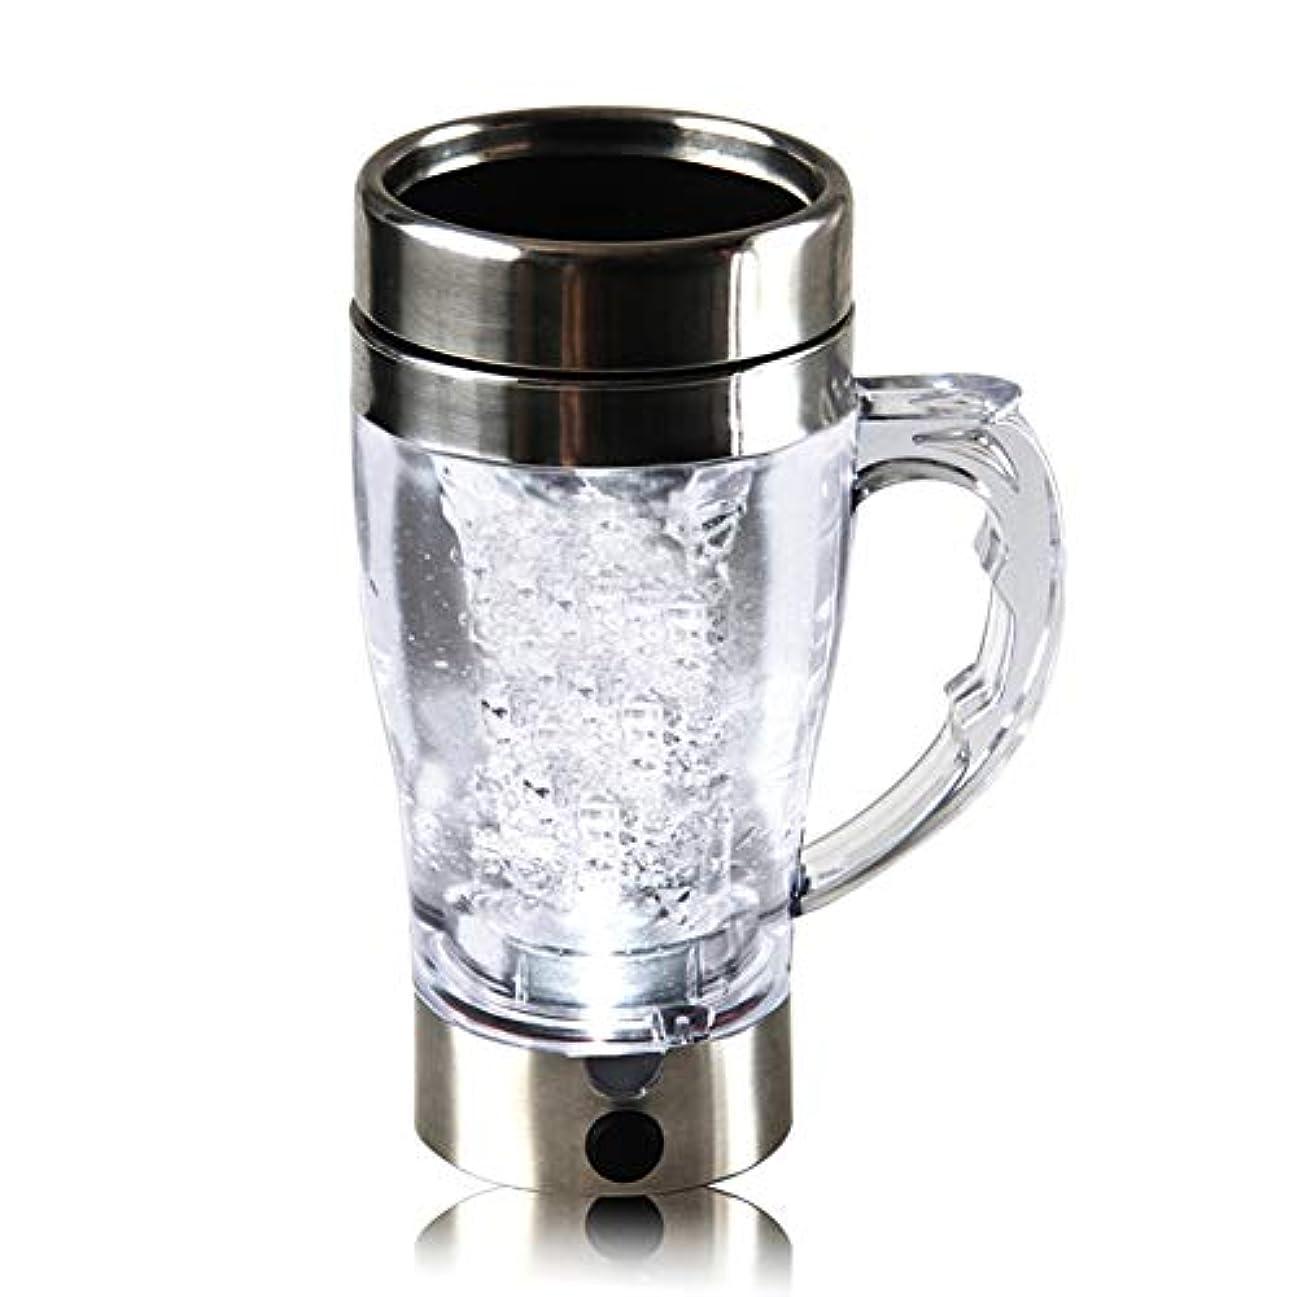 よく話される陰気狂うSweetiChic 電動プロテインシェーカー充電可能な統合プロテイン貯蔵容器自動混合コーヒーカップ